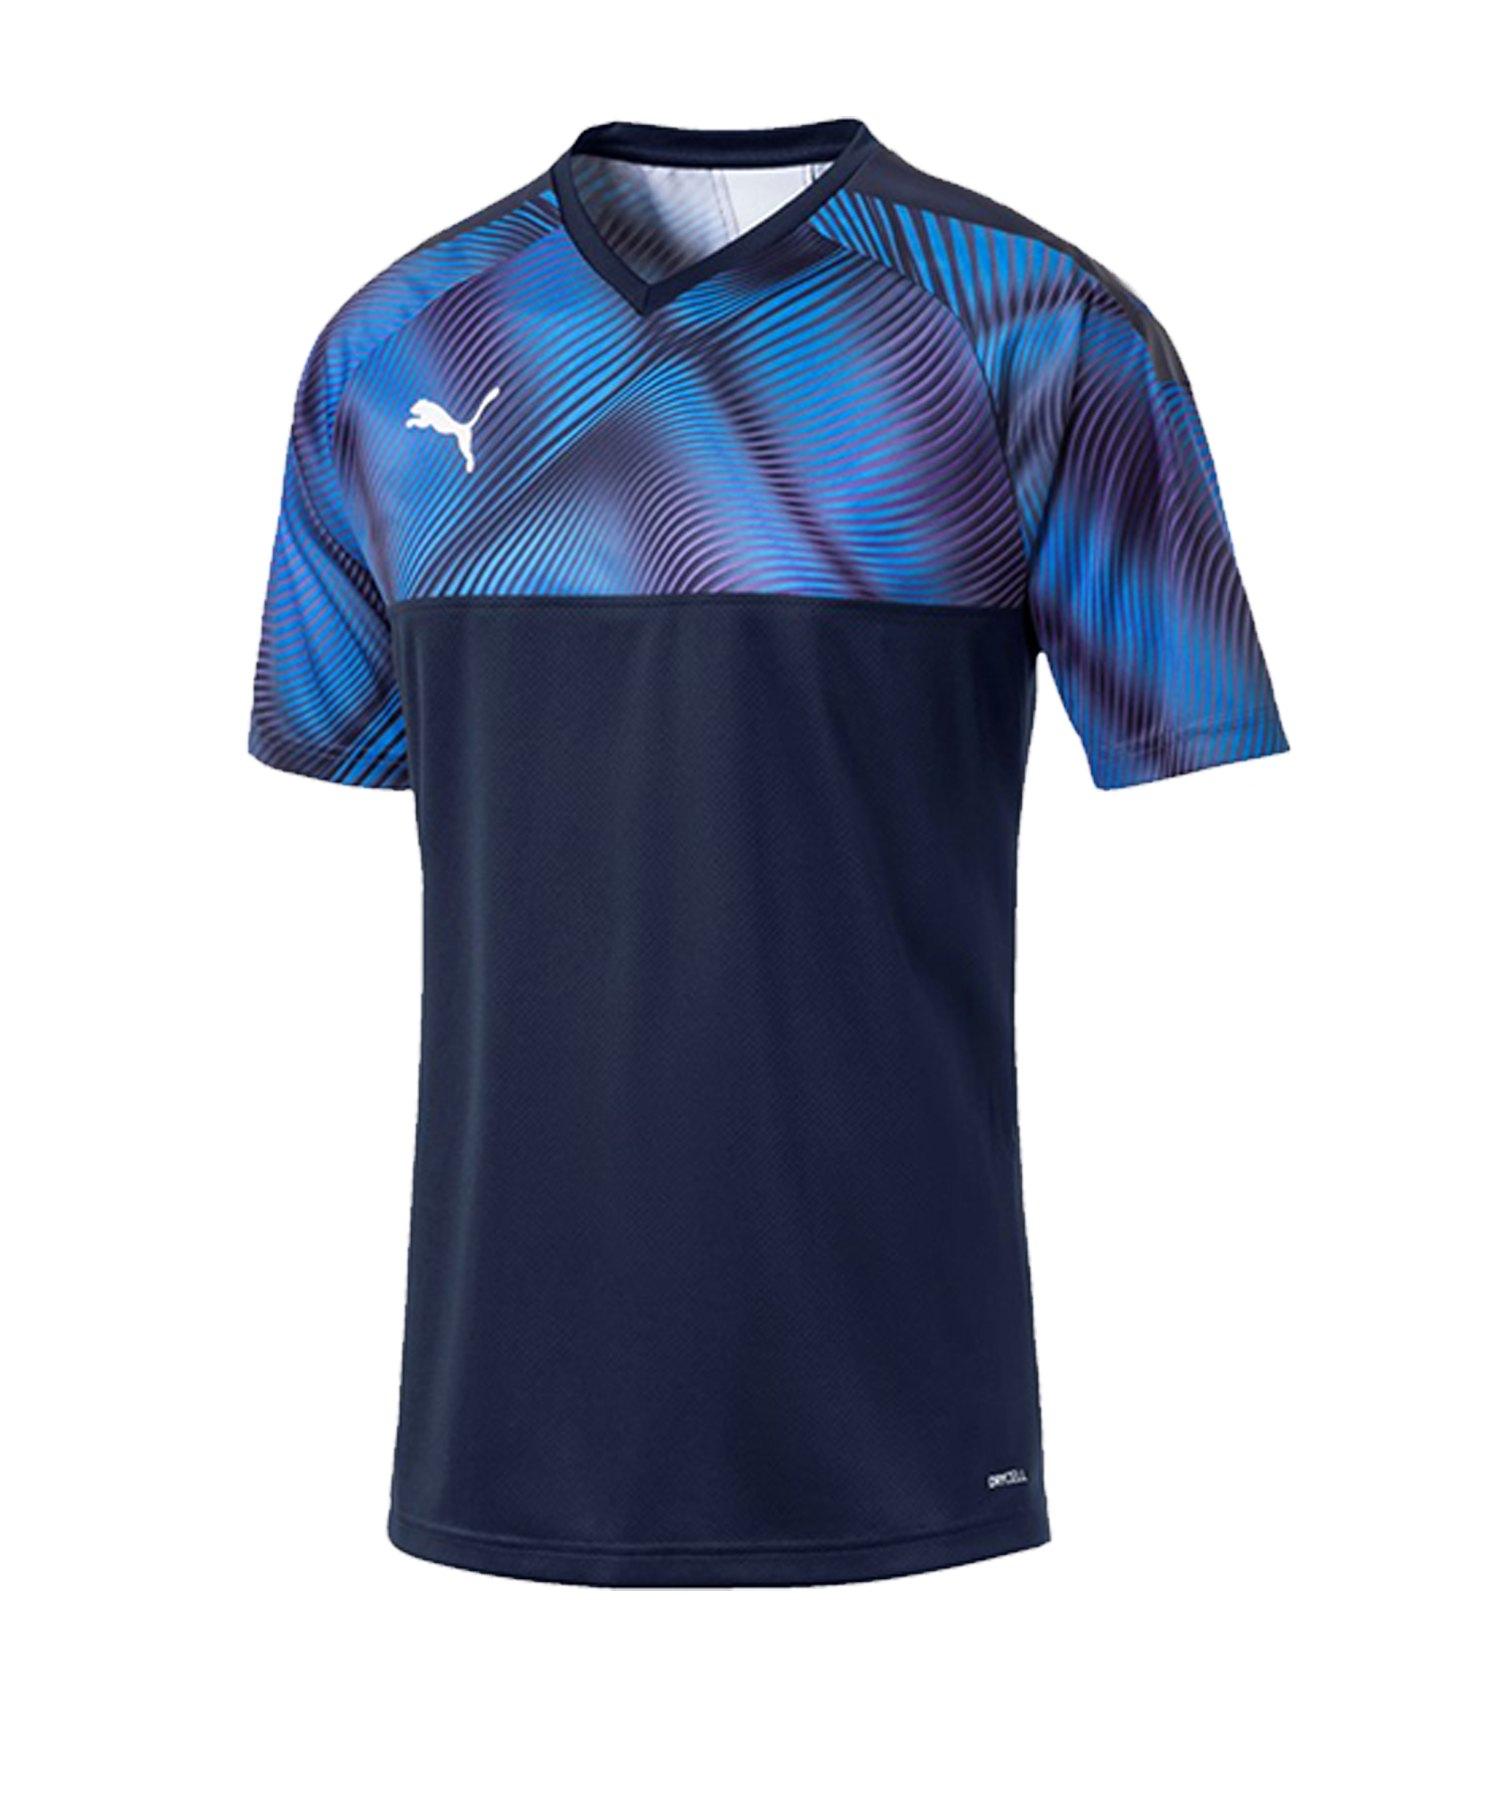 PUMA CUP Jersey Trikot kurzarm Dunkelblau F06 - blau